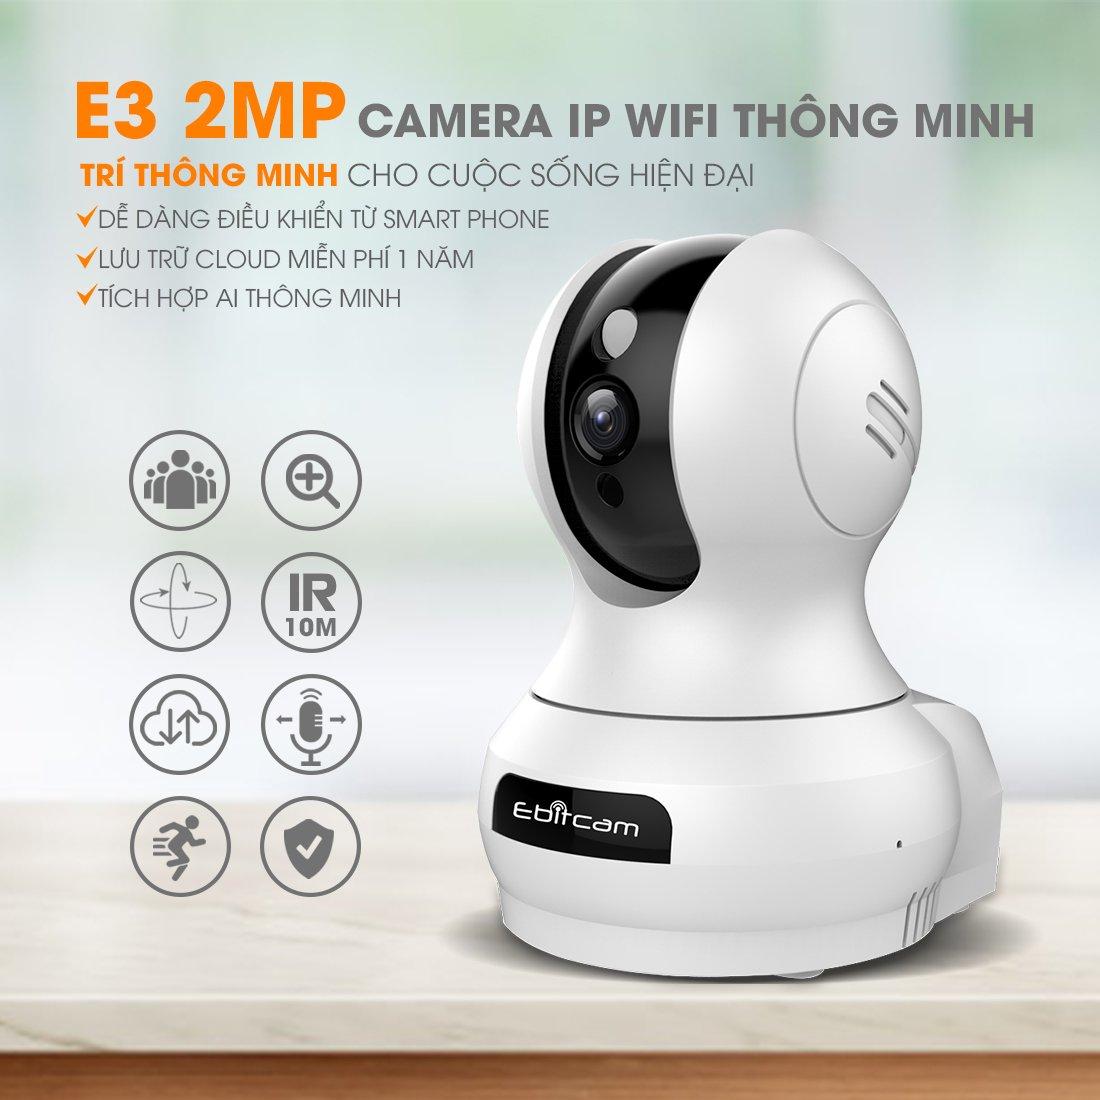 Camera Ip Wifi EbitCam E3 2MP Full HD 1080P - Kèm Thẻ Ebitcam 32GB - Hàng Chính Hãng